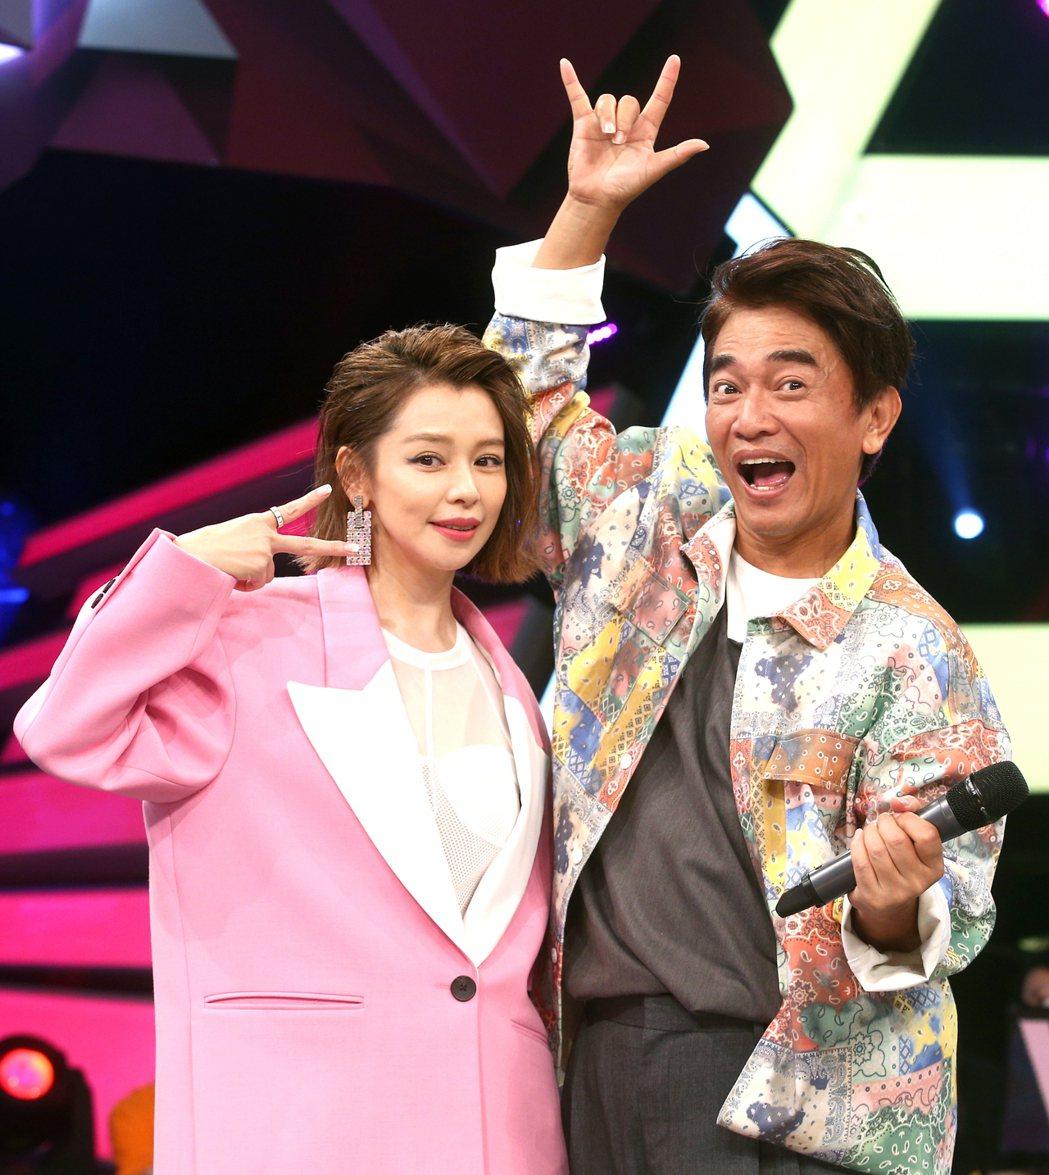 徐若瑄(左)今錄三立「綜藝大熱門」宣傳新專輯。記者蘇健忠/攝影